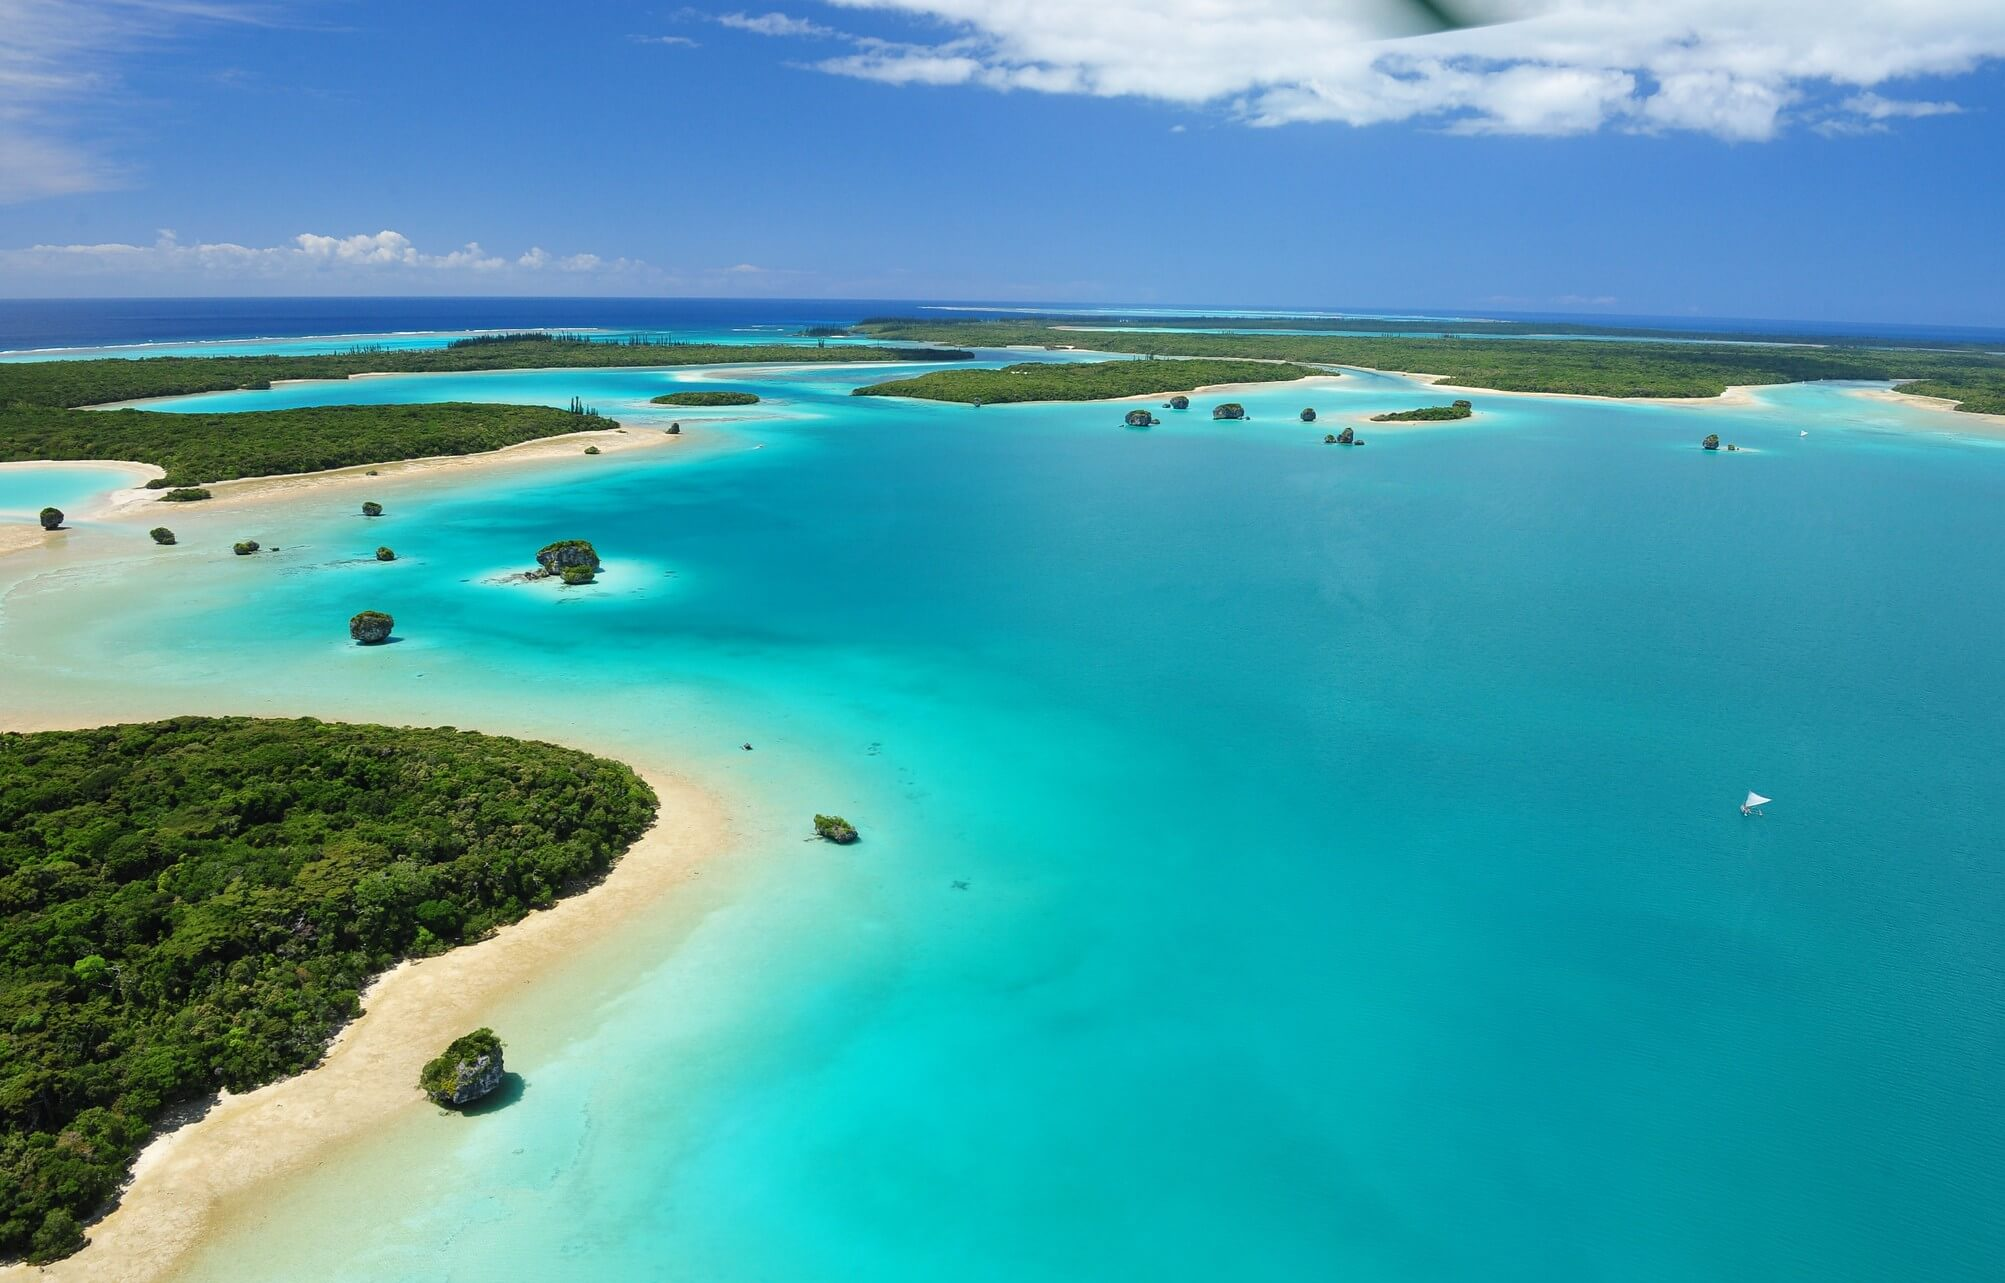 Imagen aérea de la Isla de Pinos